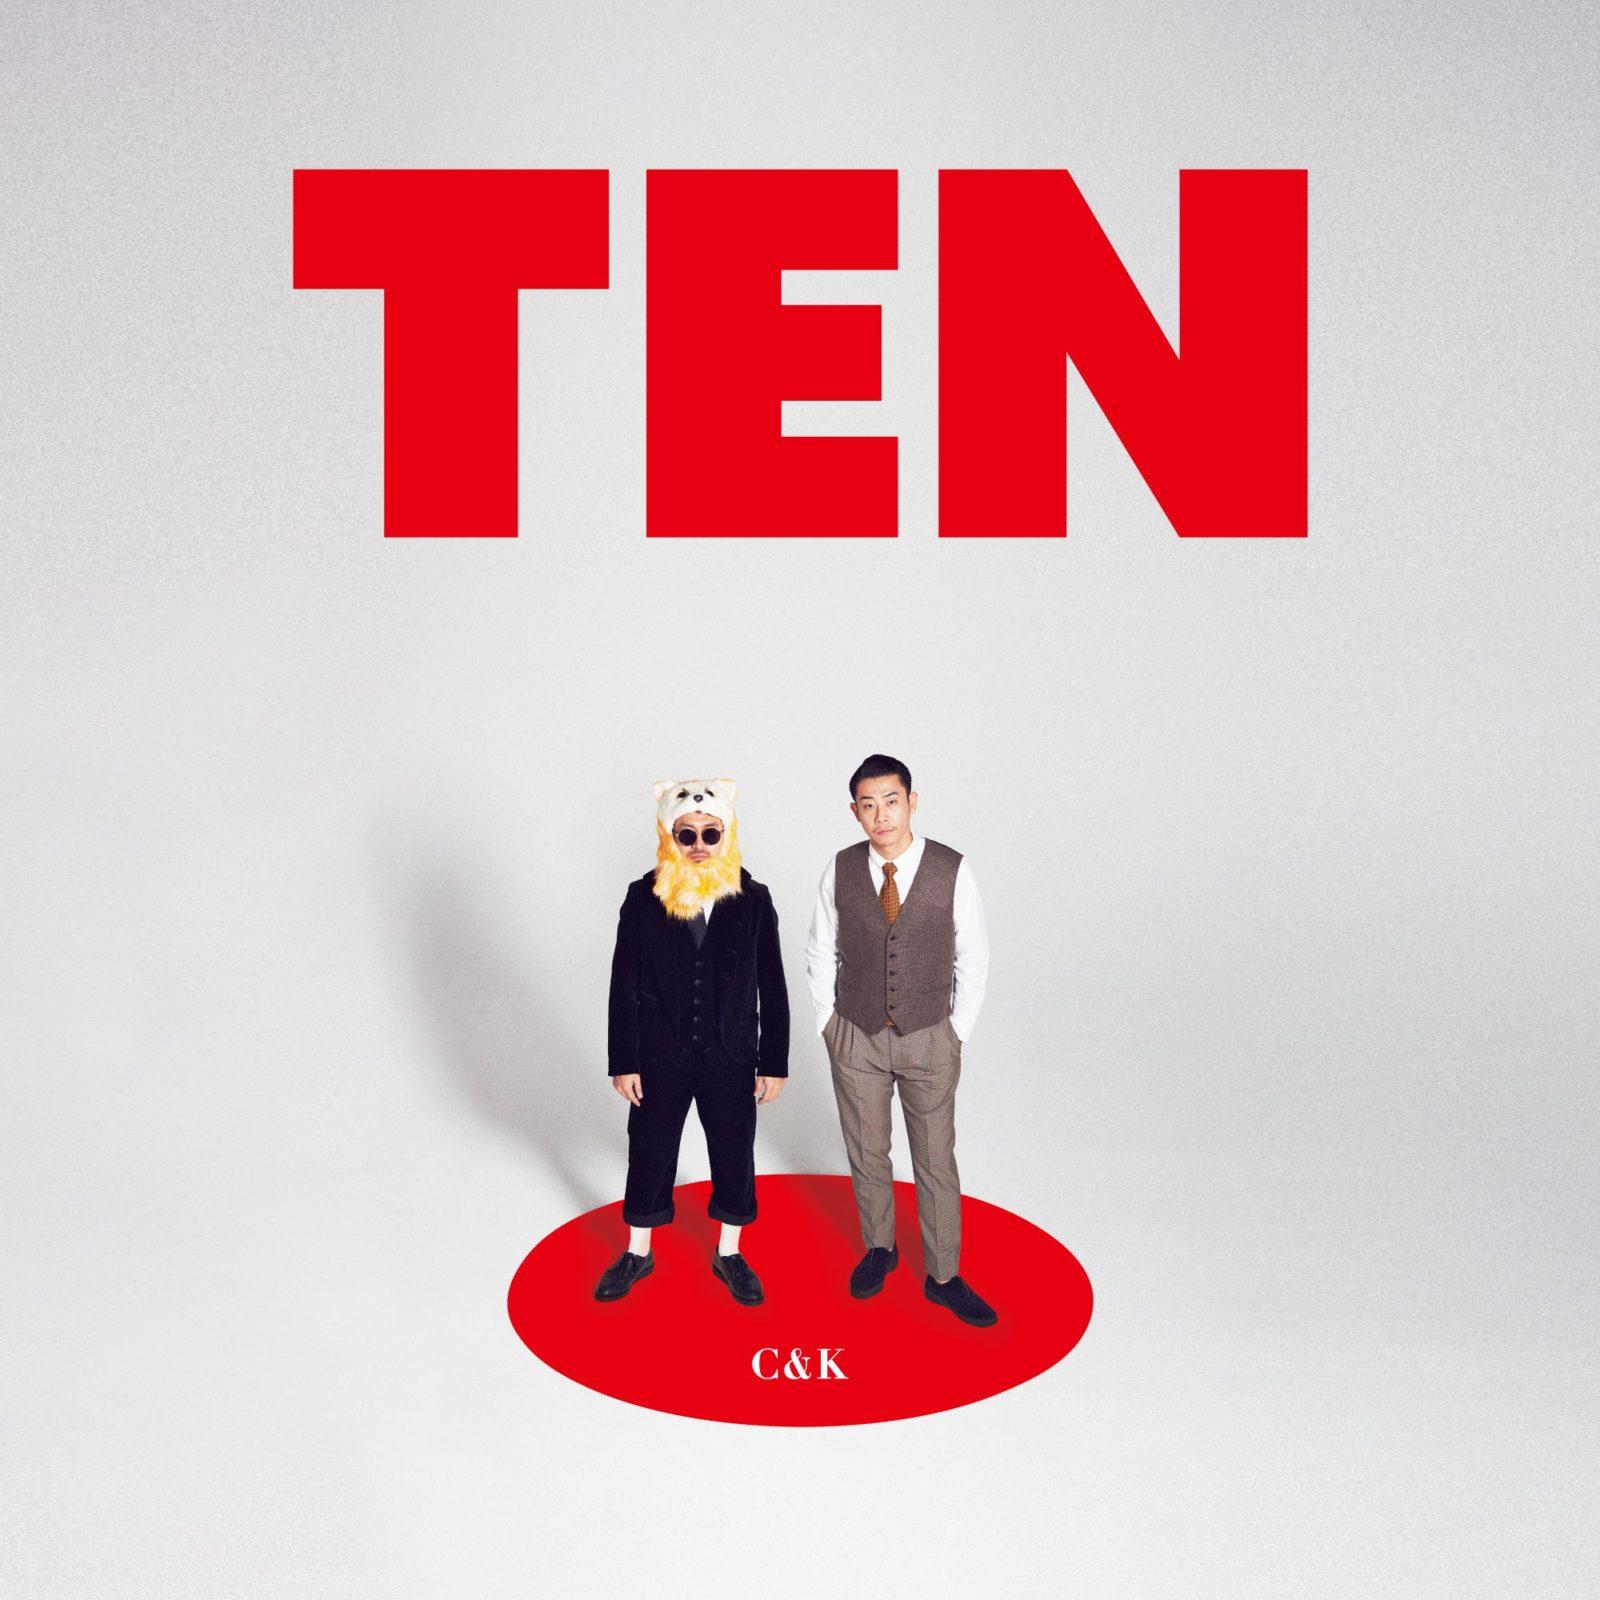 デビュー10周年を迎えたC&K。11月21日(水)発売のニューアルバム『TEN』ジャケット写真、商品情報発表サムネイル画像